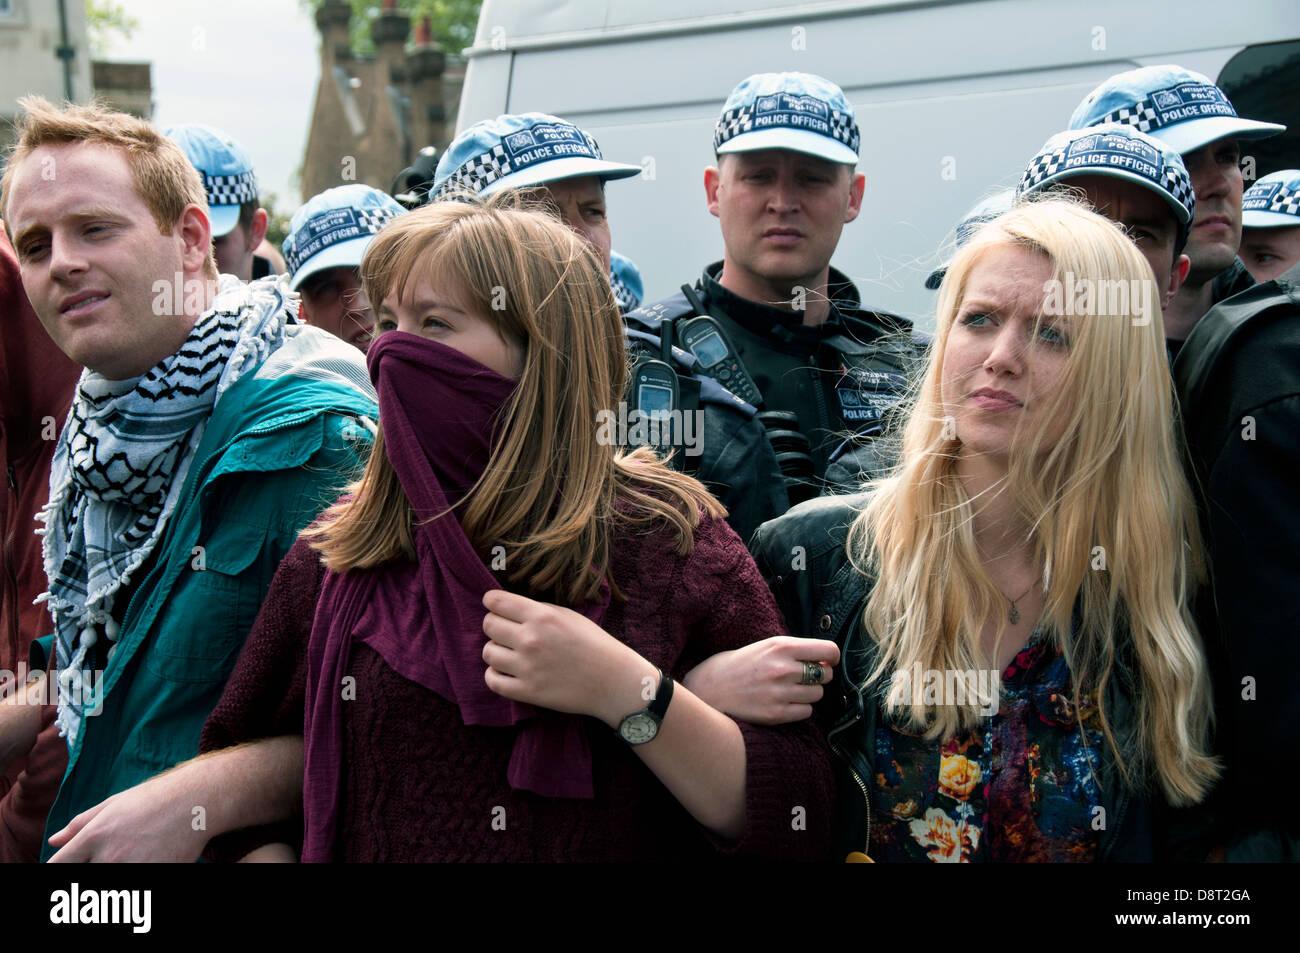 [Image: group-of-young-uaf-unite-against-fascism...D8T2GA.jpg]